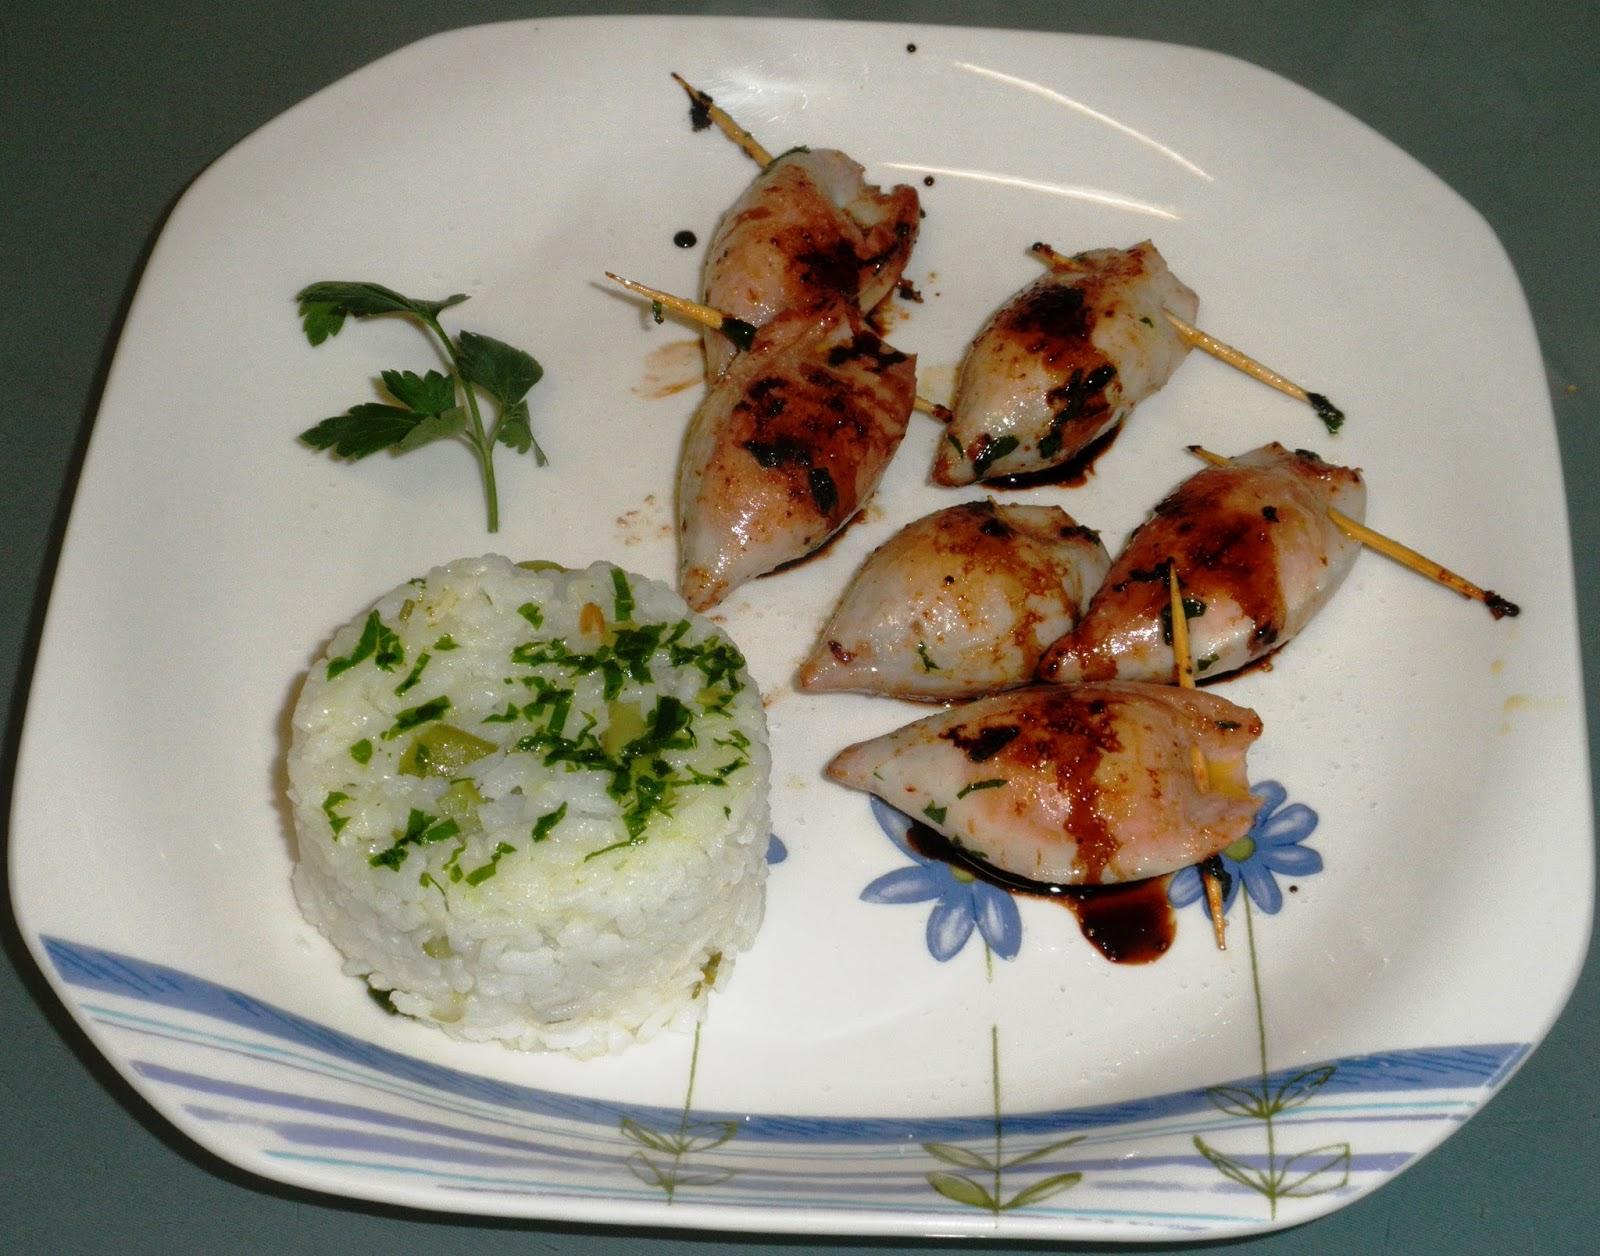 Calamares chipirones rellenos a la plancha recetas de cocina de un abuelo donostiarra - Chipiron a la plancha ...